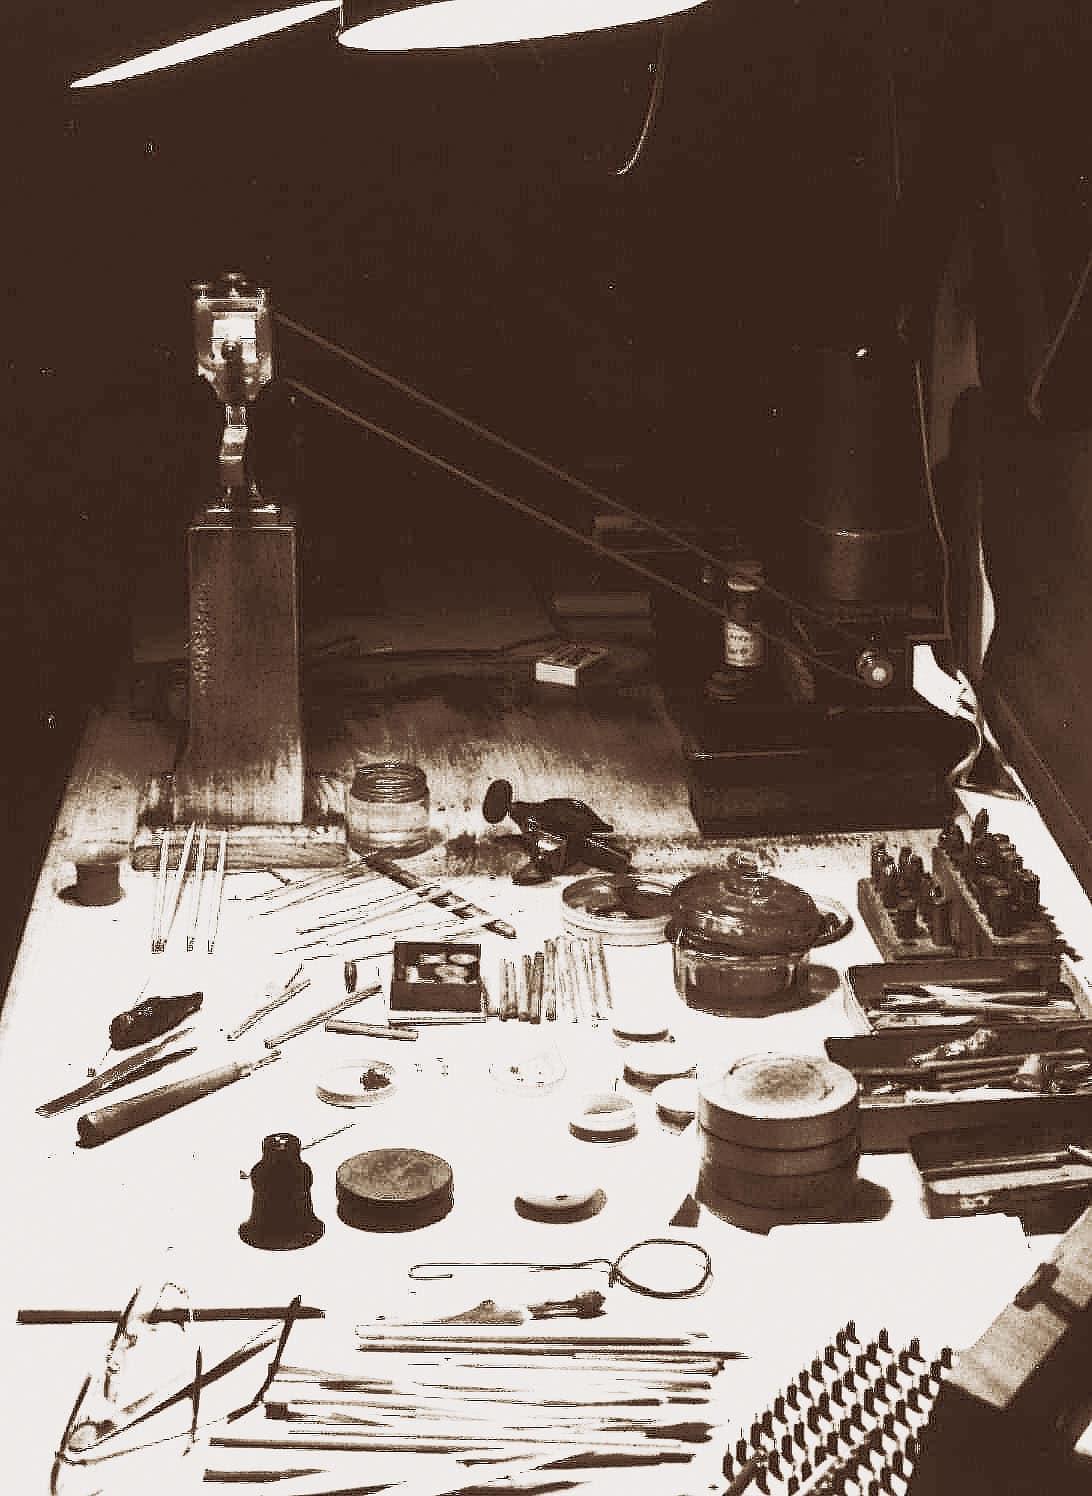 Historischer Arbeitsplatz Uhrensteine